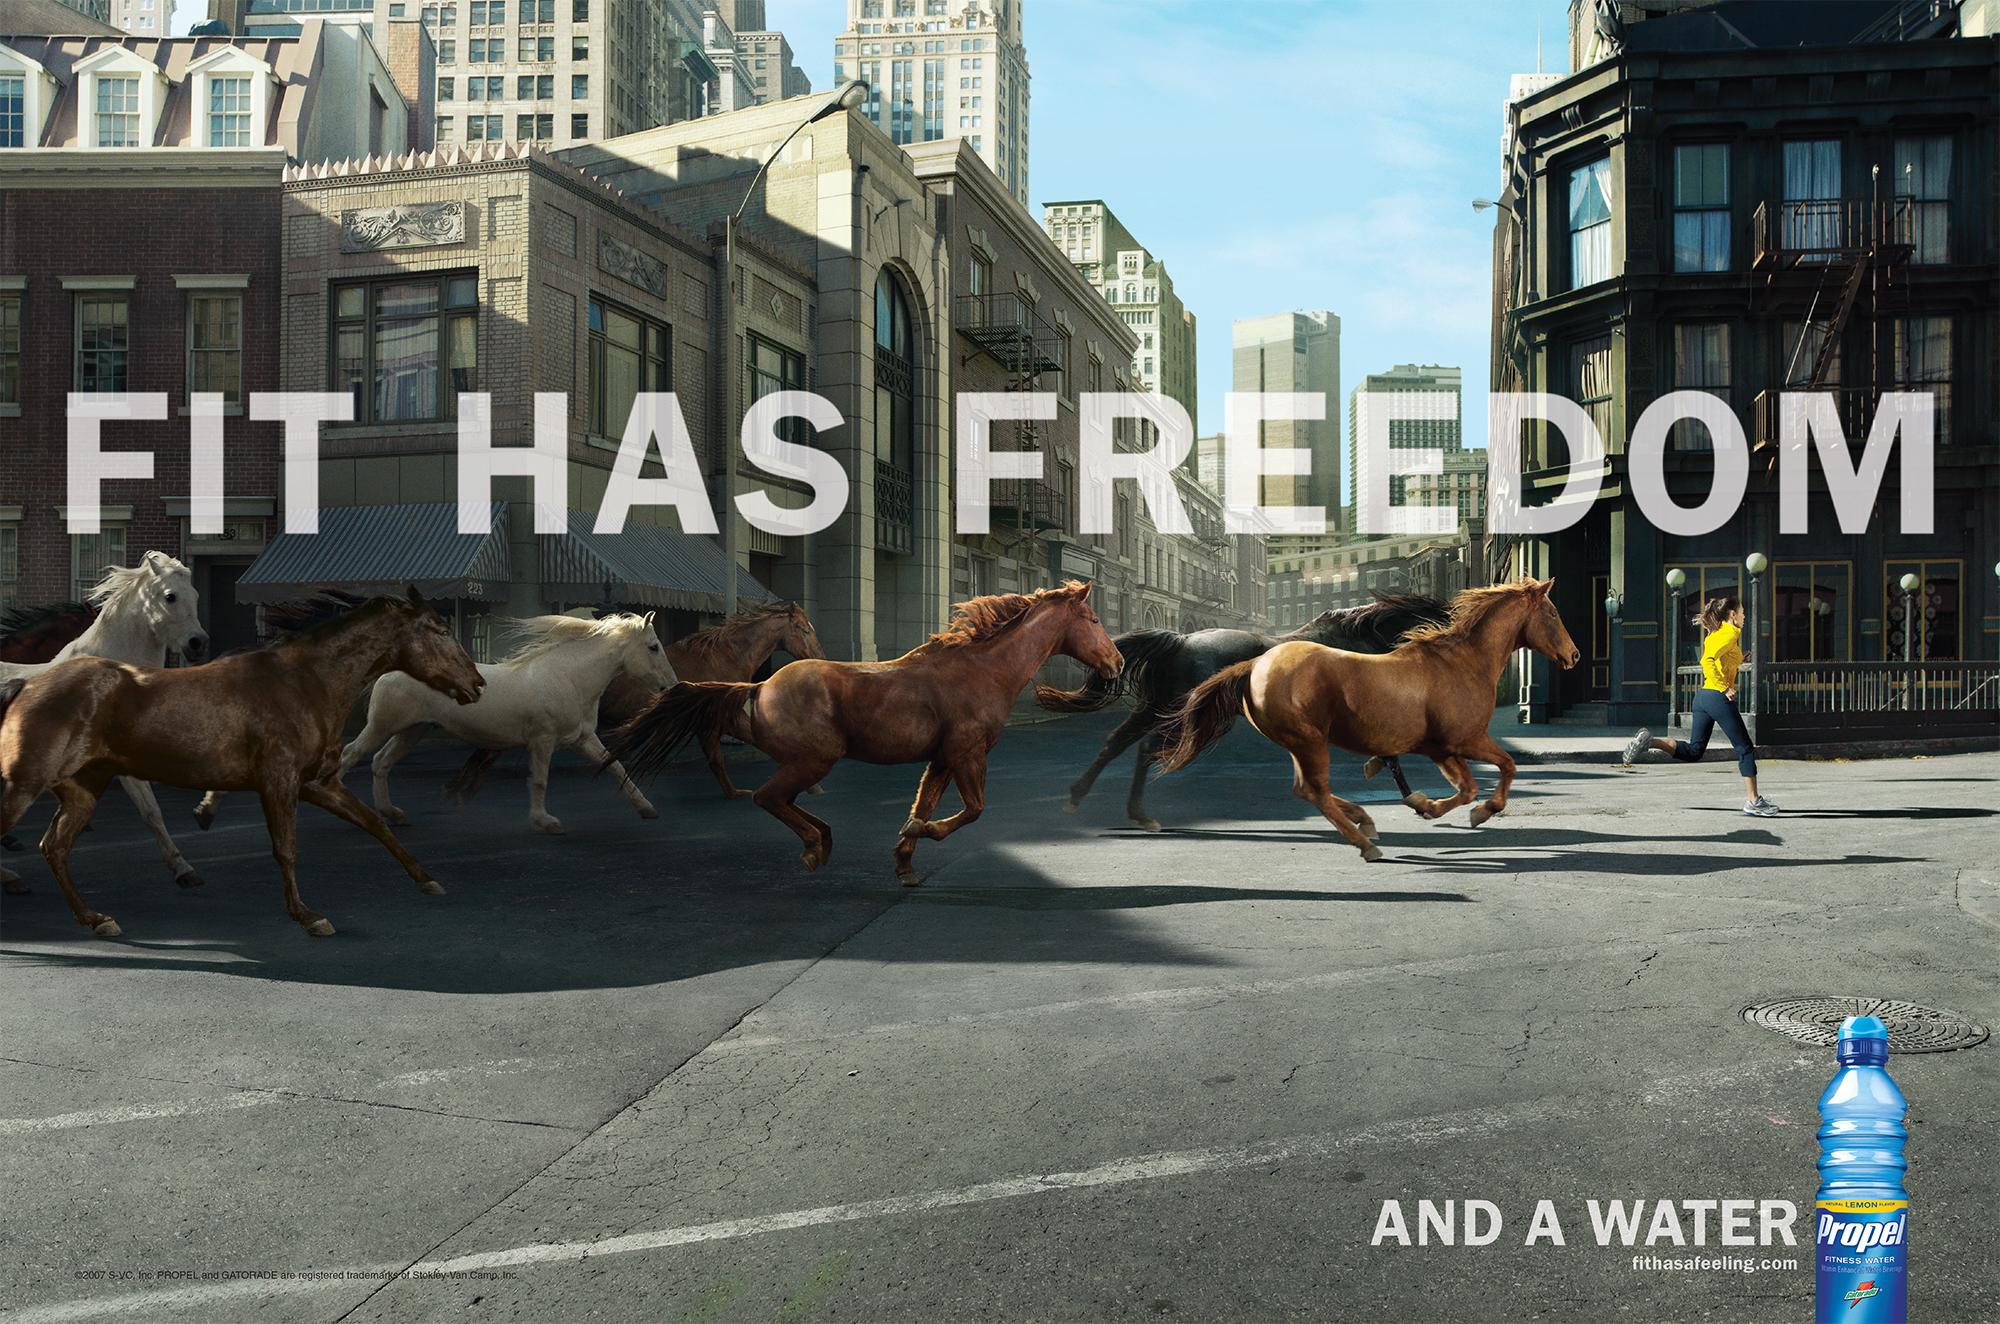 Propel_Horses.jpg